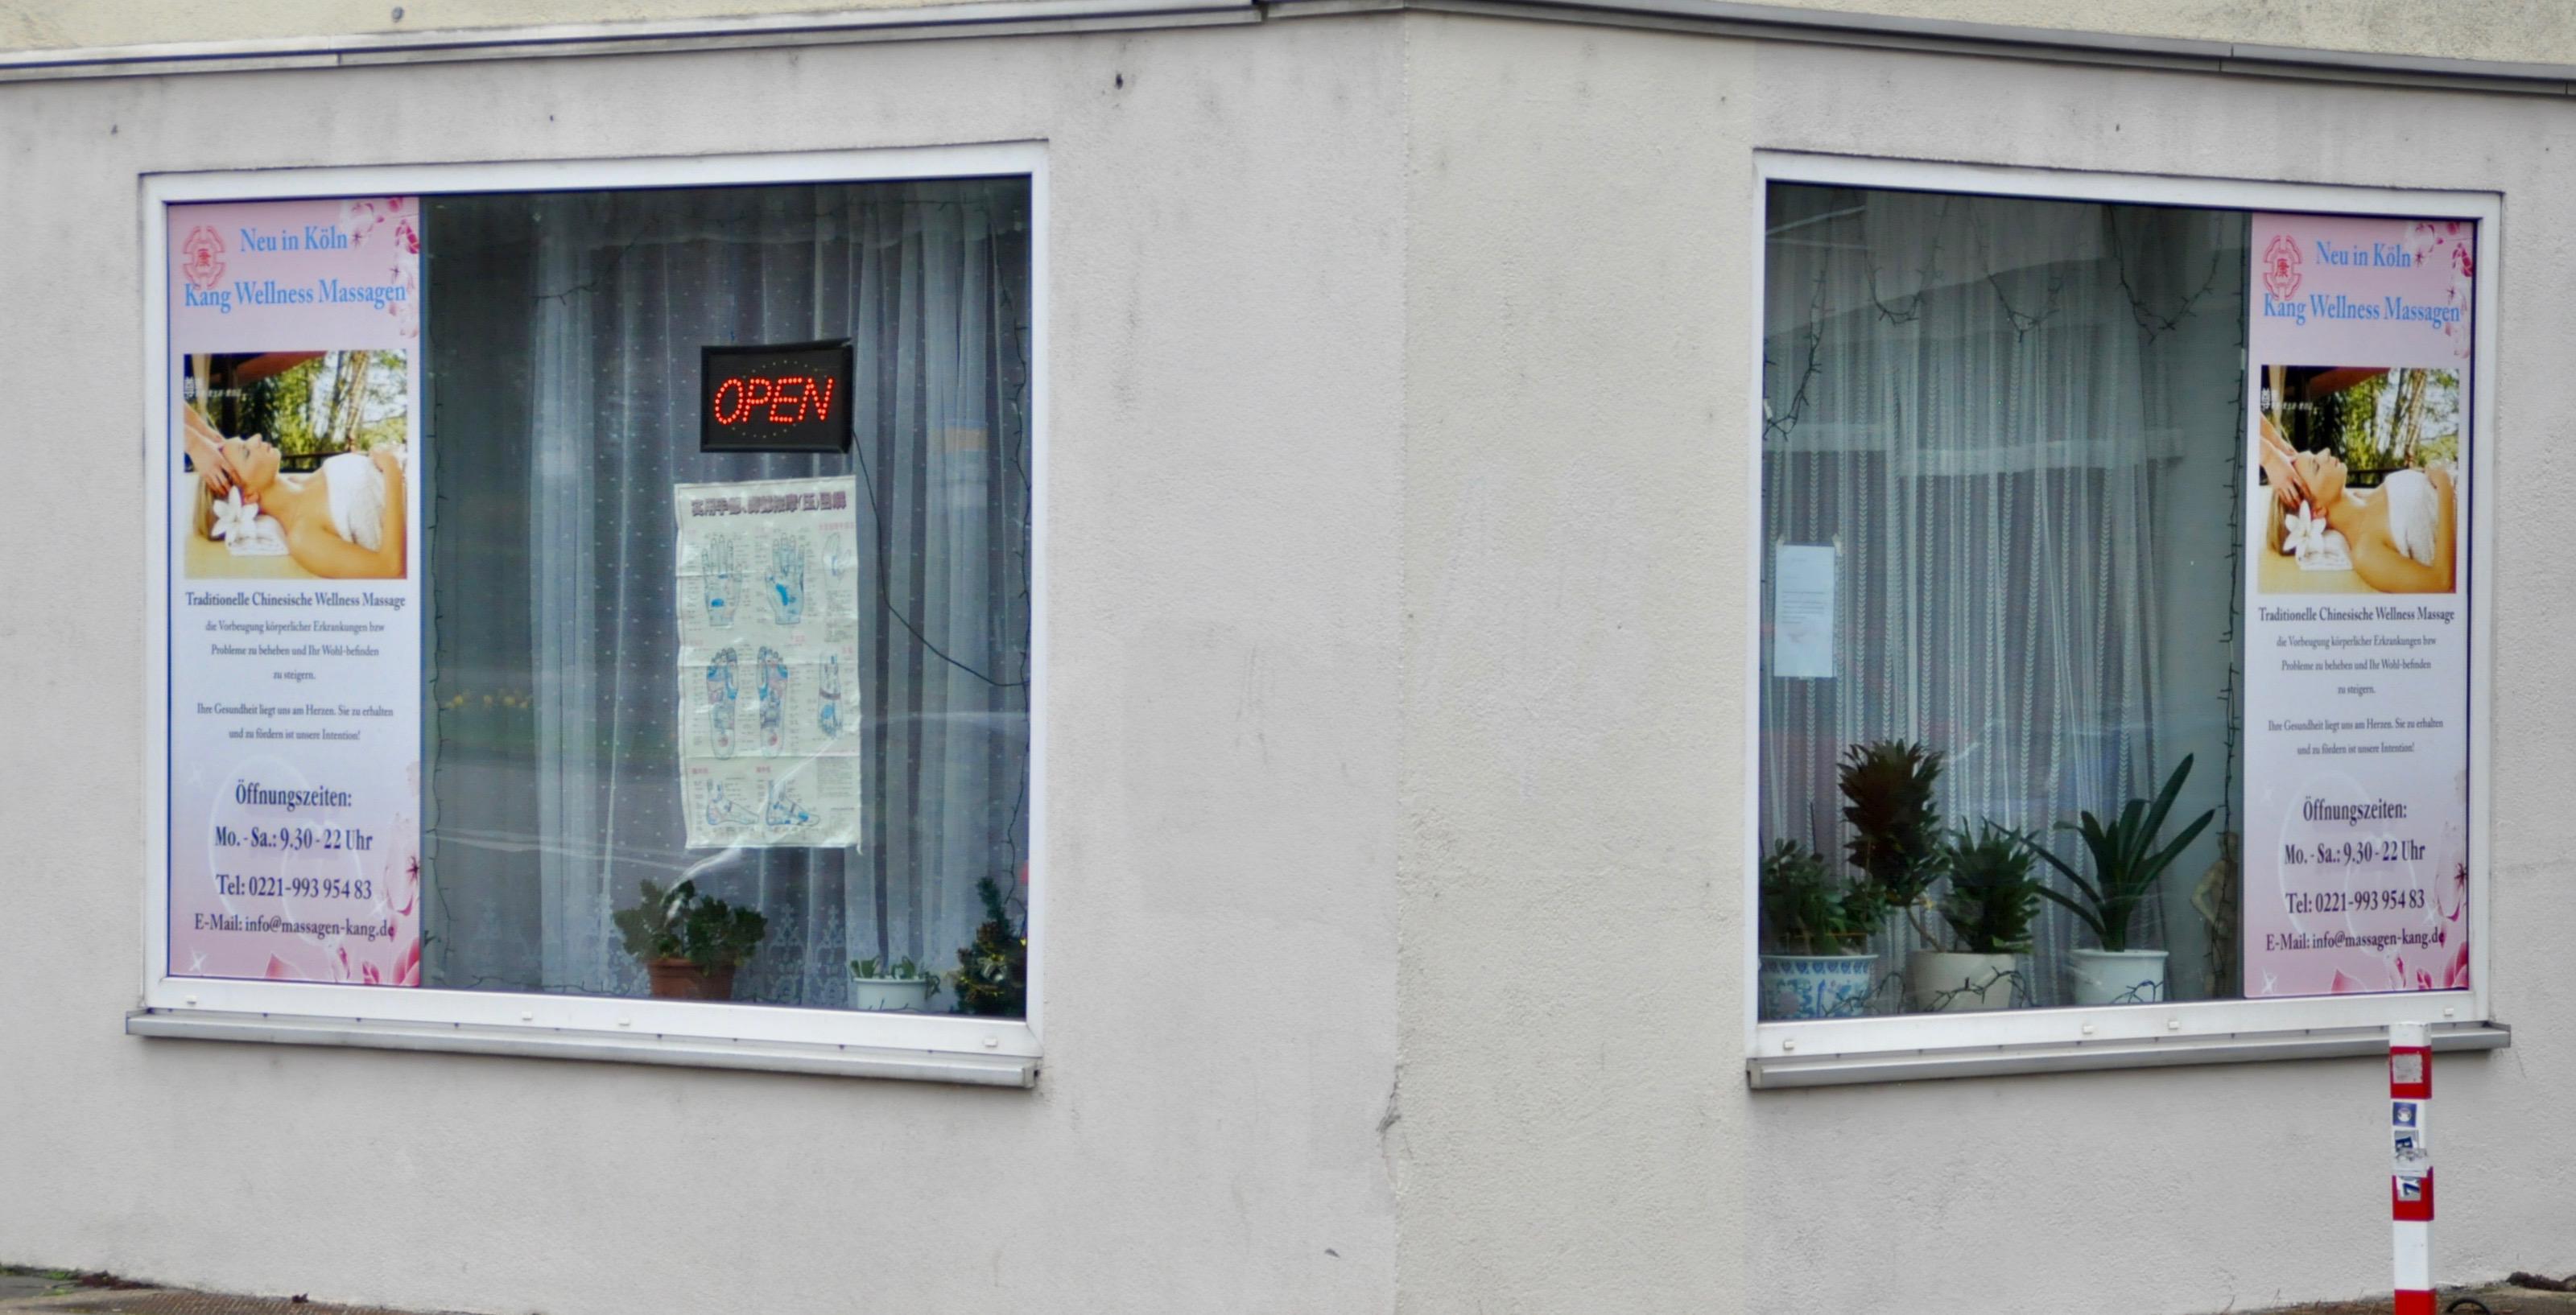 Chinesische Wellness Massage Kang Köln in 50676, Köln